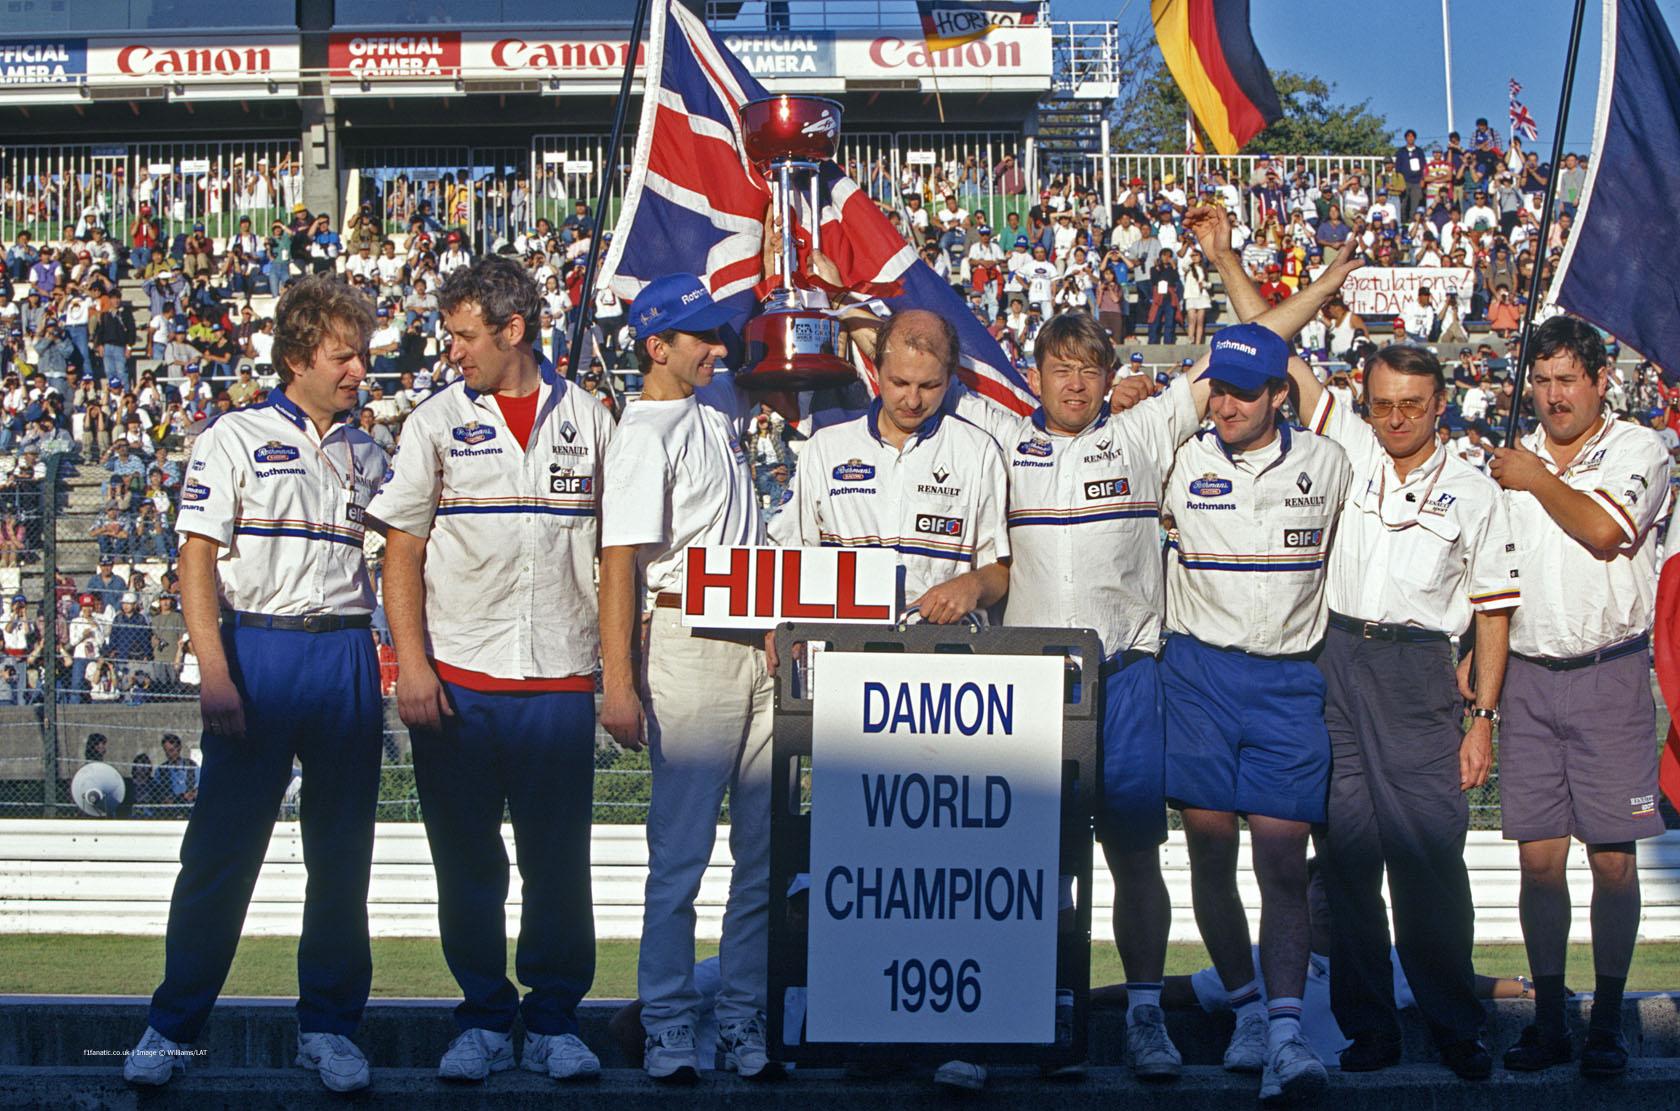 Damon Hill, Williams, Suzuka, 1996